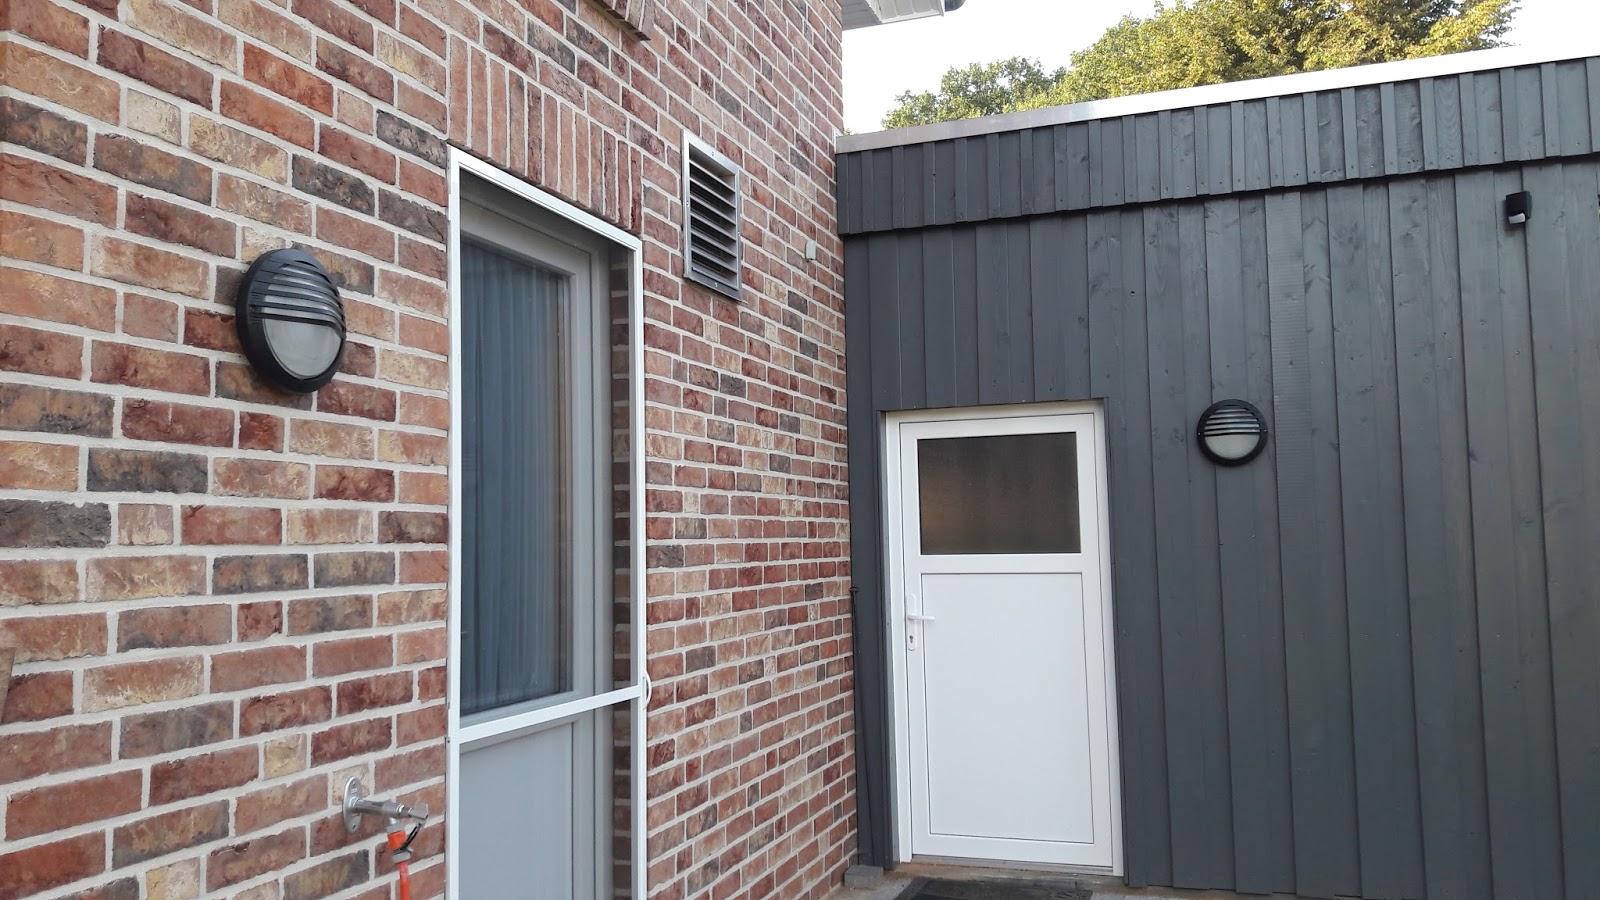 Luft Wasser Wärmepumpe Erfahrungen ein traumhaus für familie s unsere wärmepumpen erfahrungen